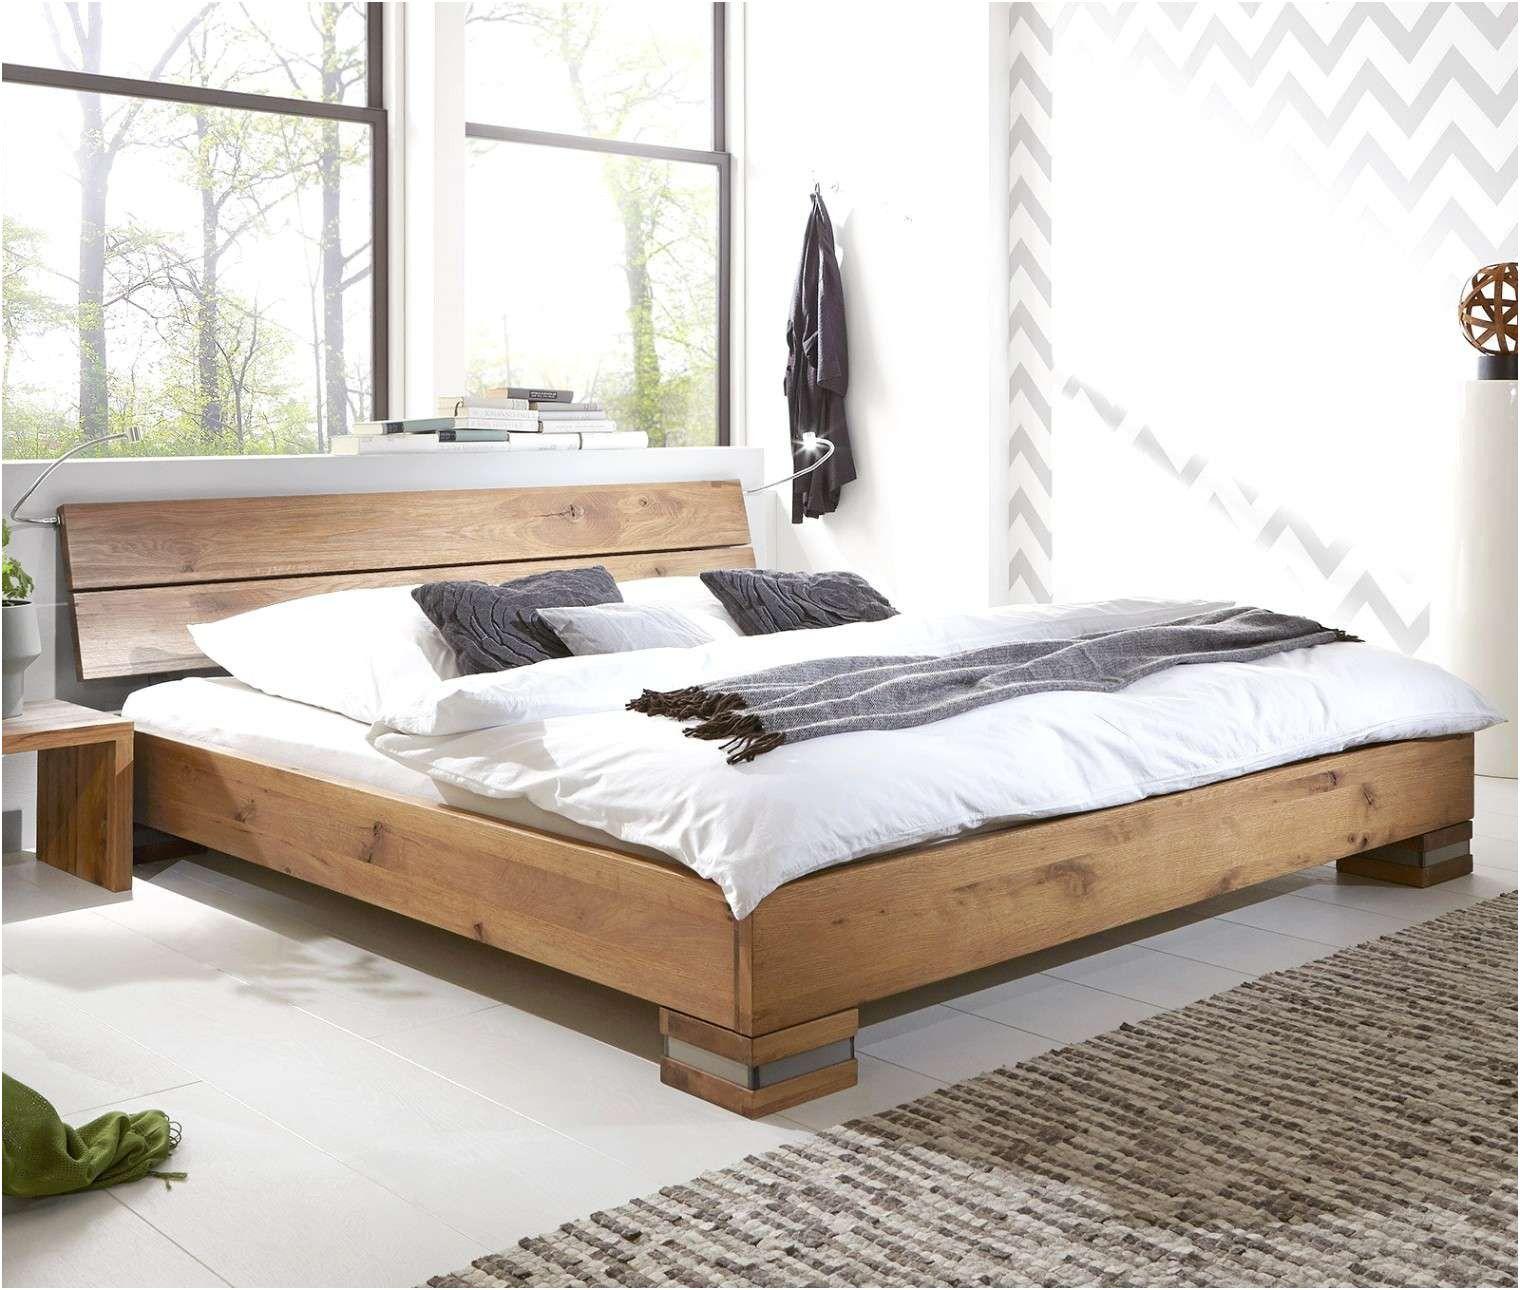 Full Size of Palettenbett Ikea 140x200 Massivholzbett 180x200 Zuhause Küche Kaufen Miniküche Kosten Sofa Mit Schlaffunktion Betten Bei 160x200 Modulküche Wohnzimmer Palettenbett Ikea